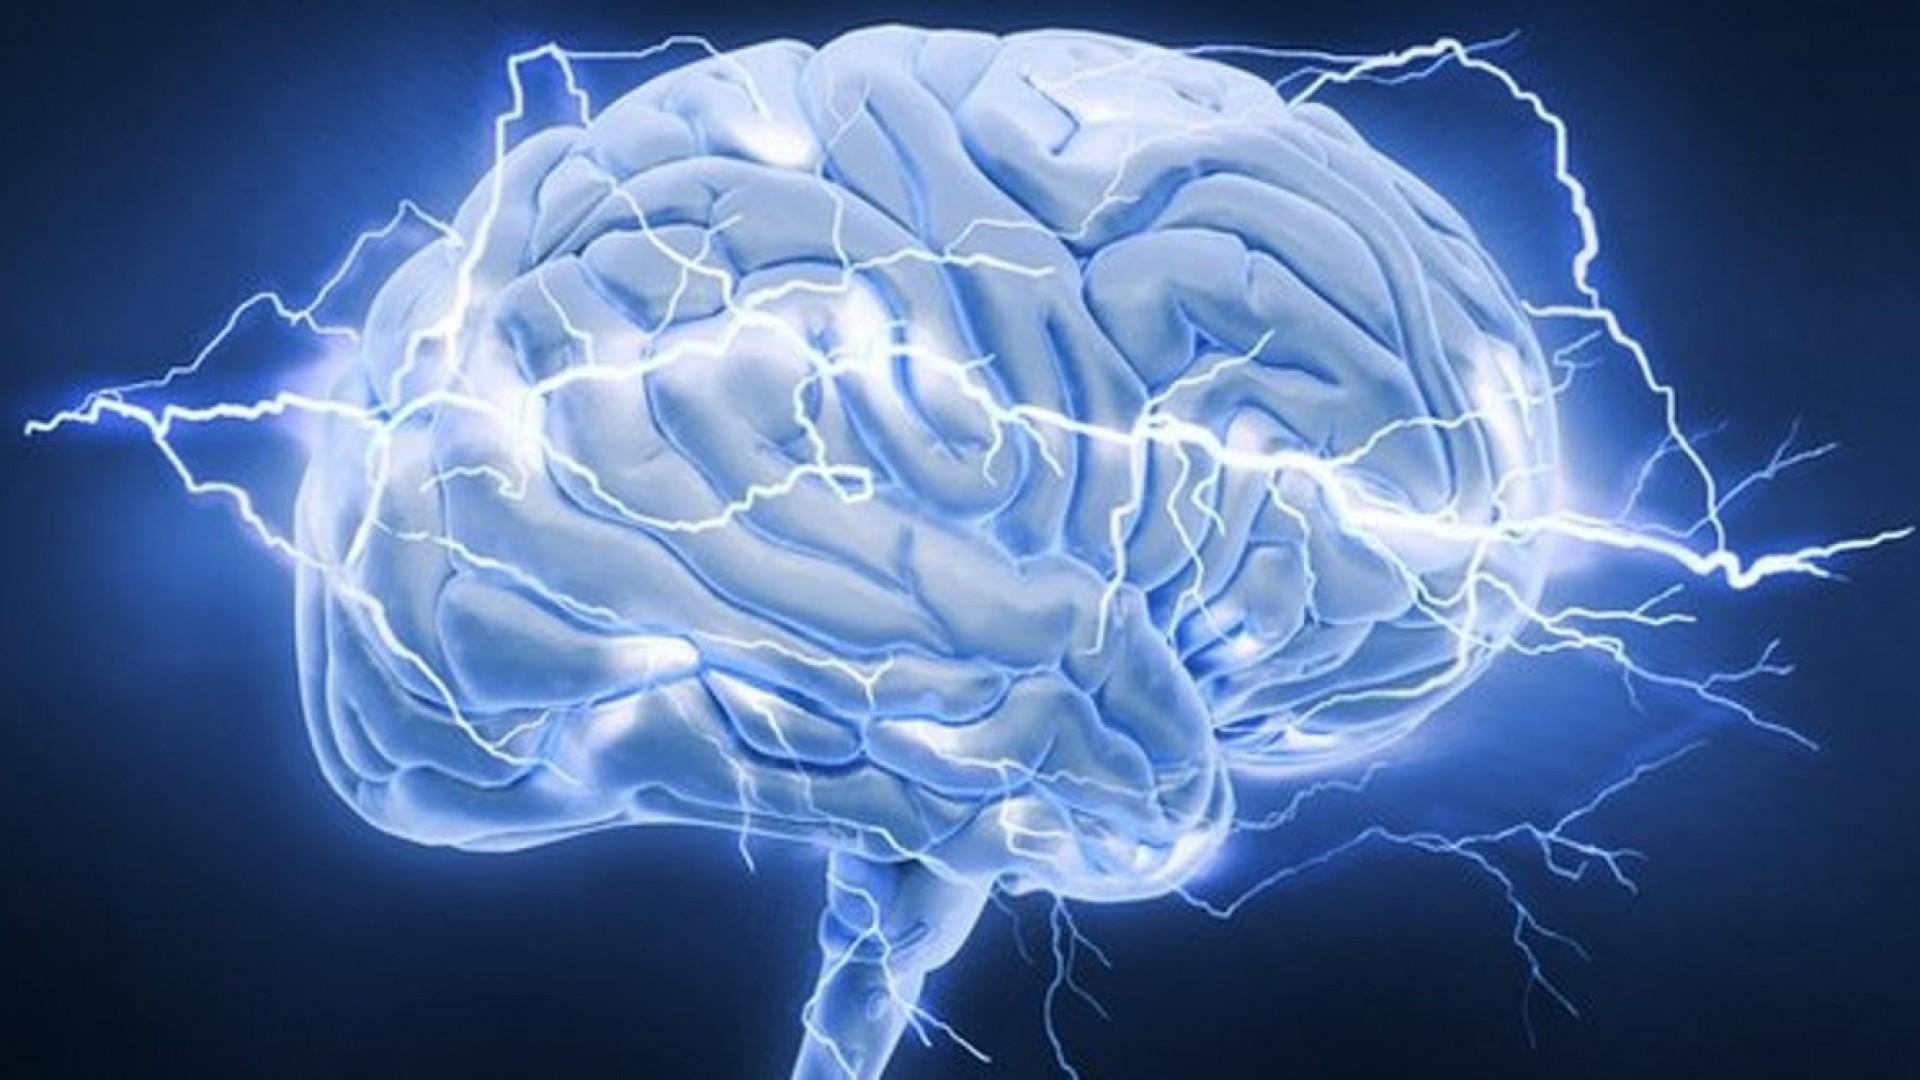 Нейробиология об обидчивости, отчужденности и их последствиях